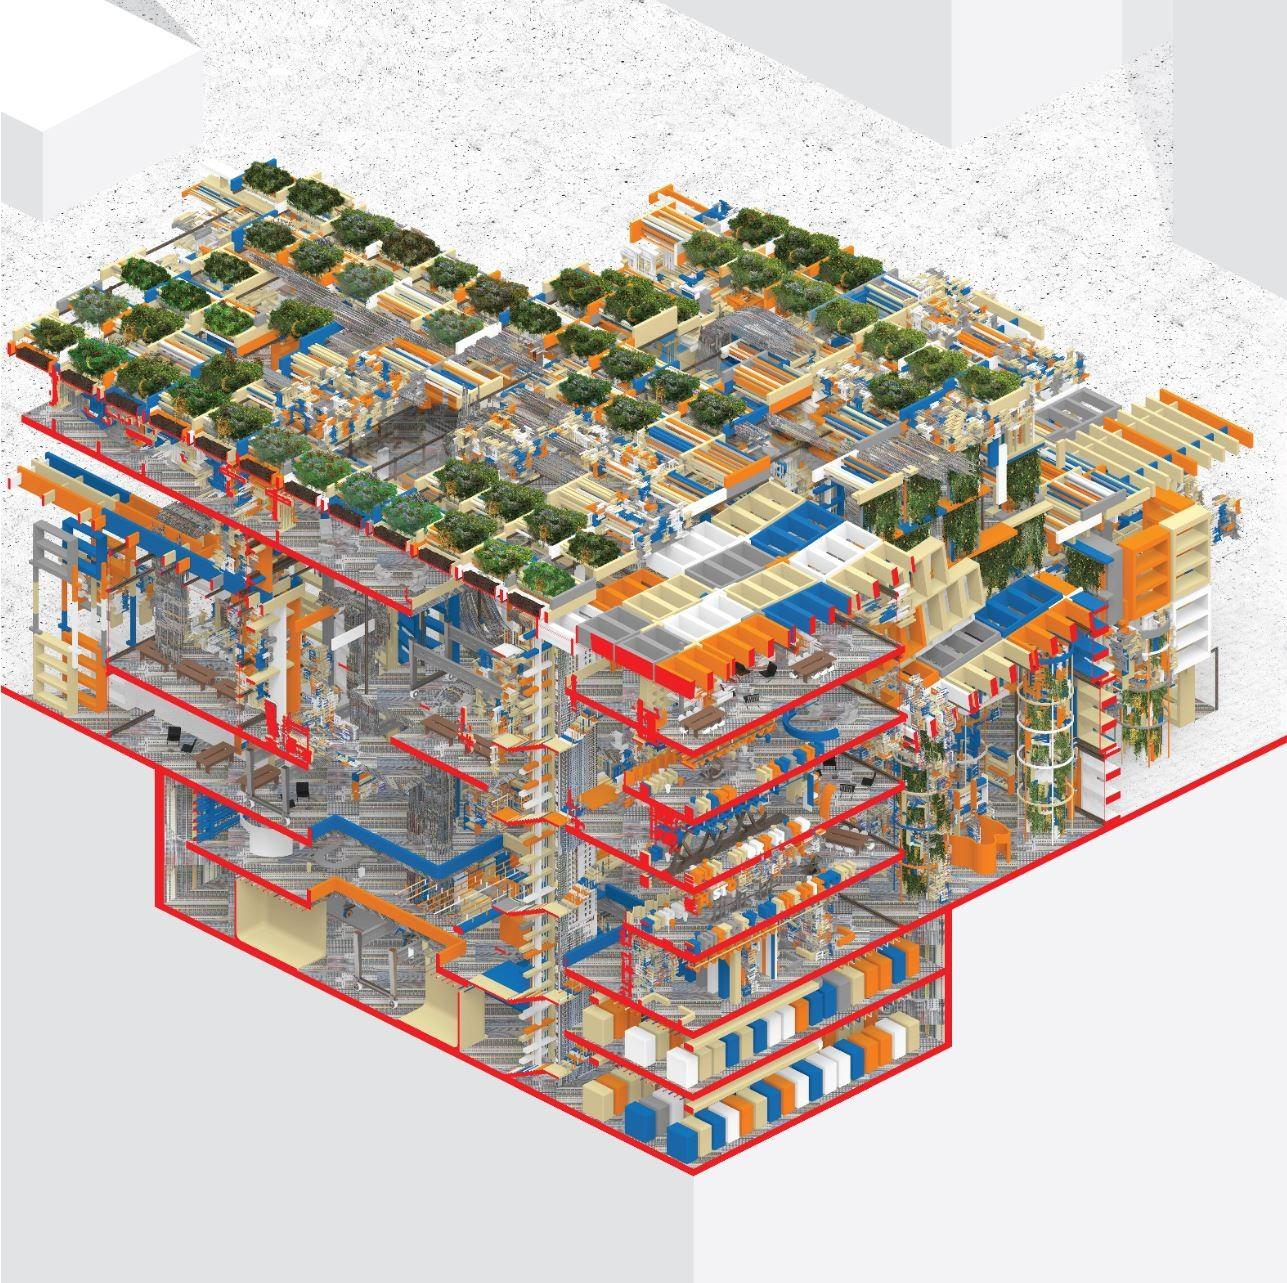 Detailed Axon Chunk